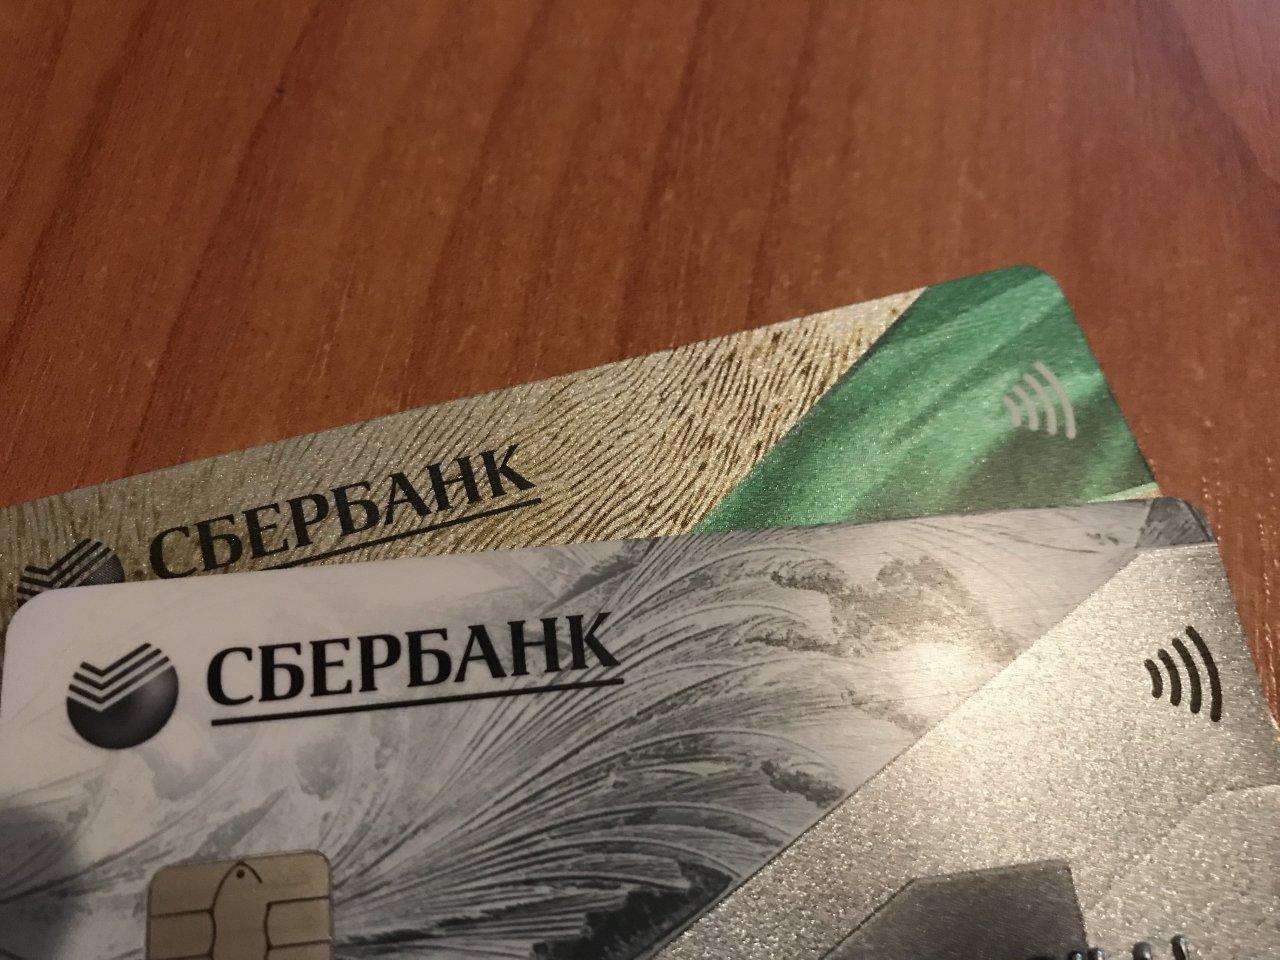 Зампред правления «Сбербанка» покинул свой пост